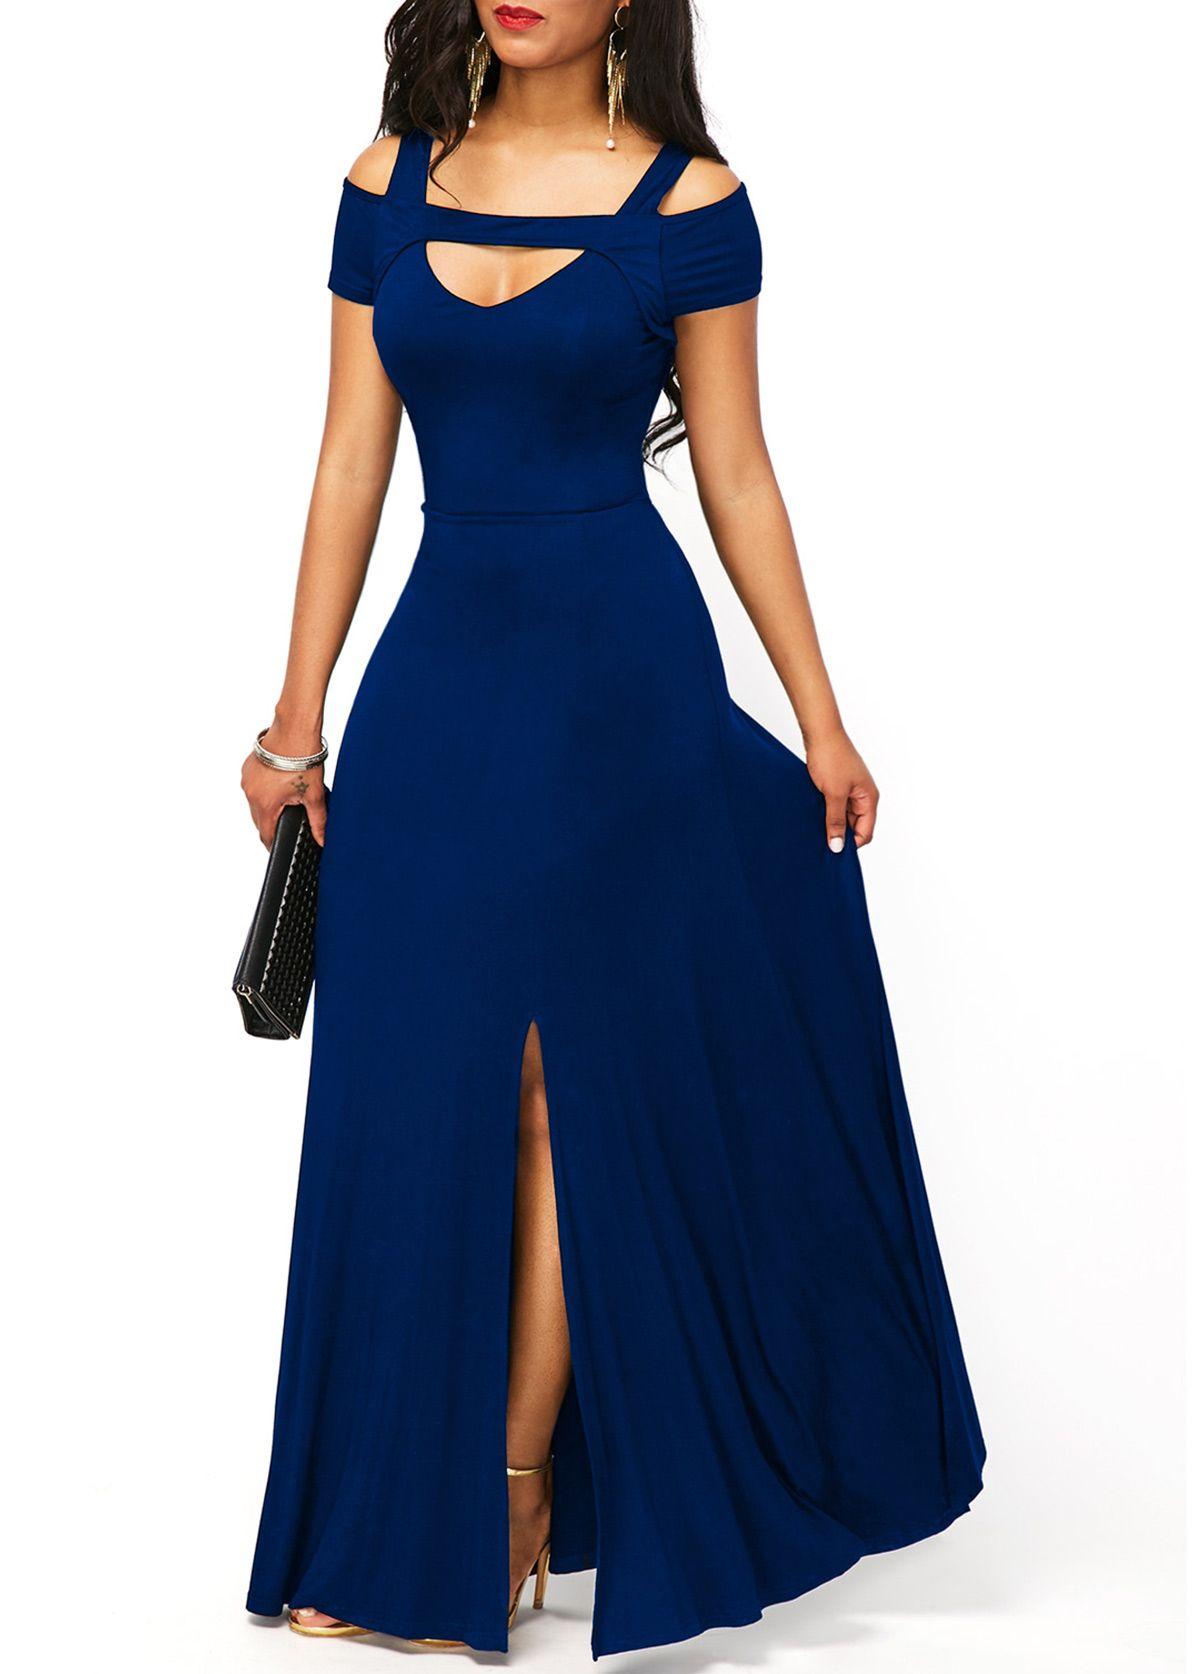 Stappy cold shoulder front slit dress front slit dress cold